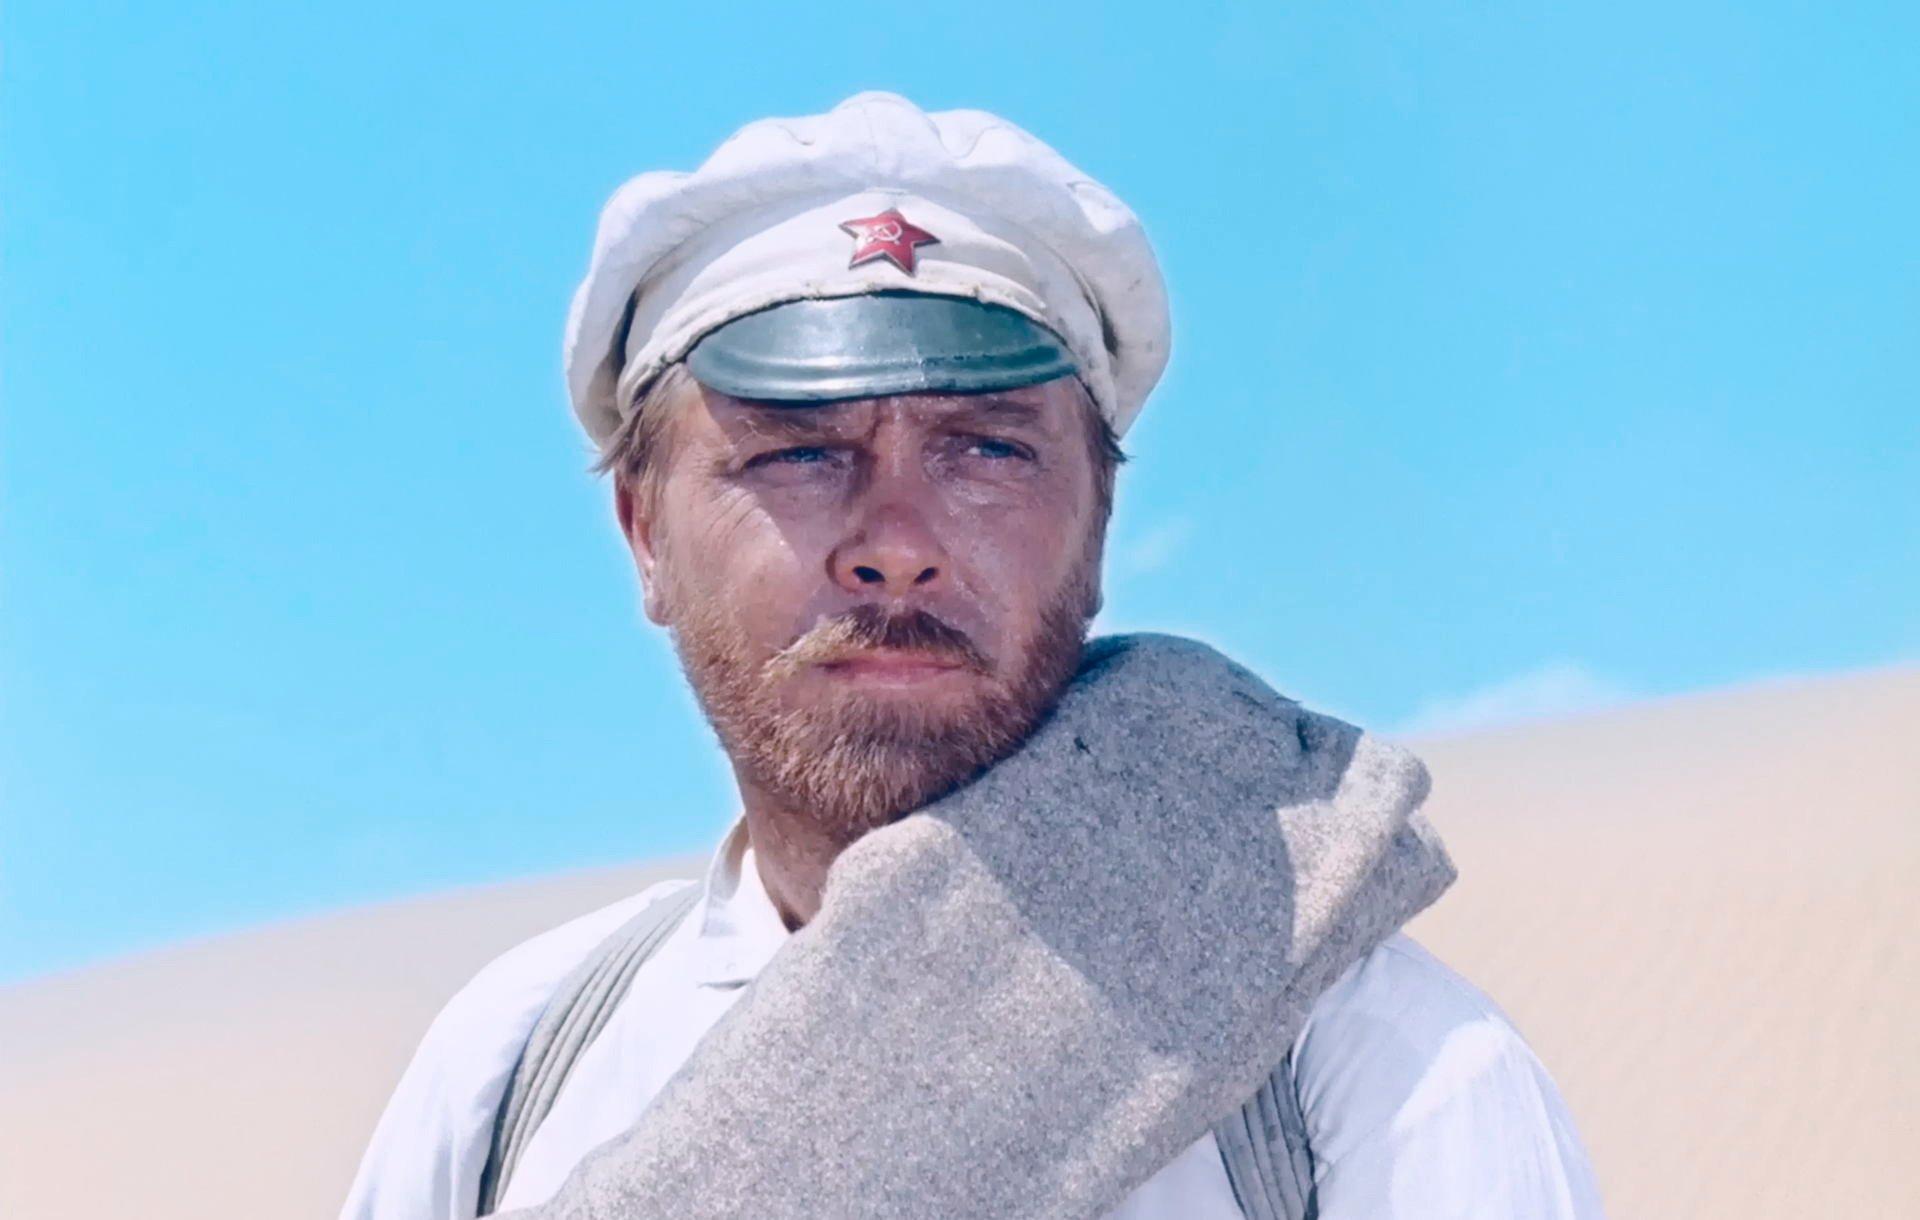 Сцена из фильма как парень закапывал мобильник в пустыне 12